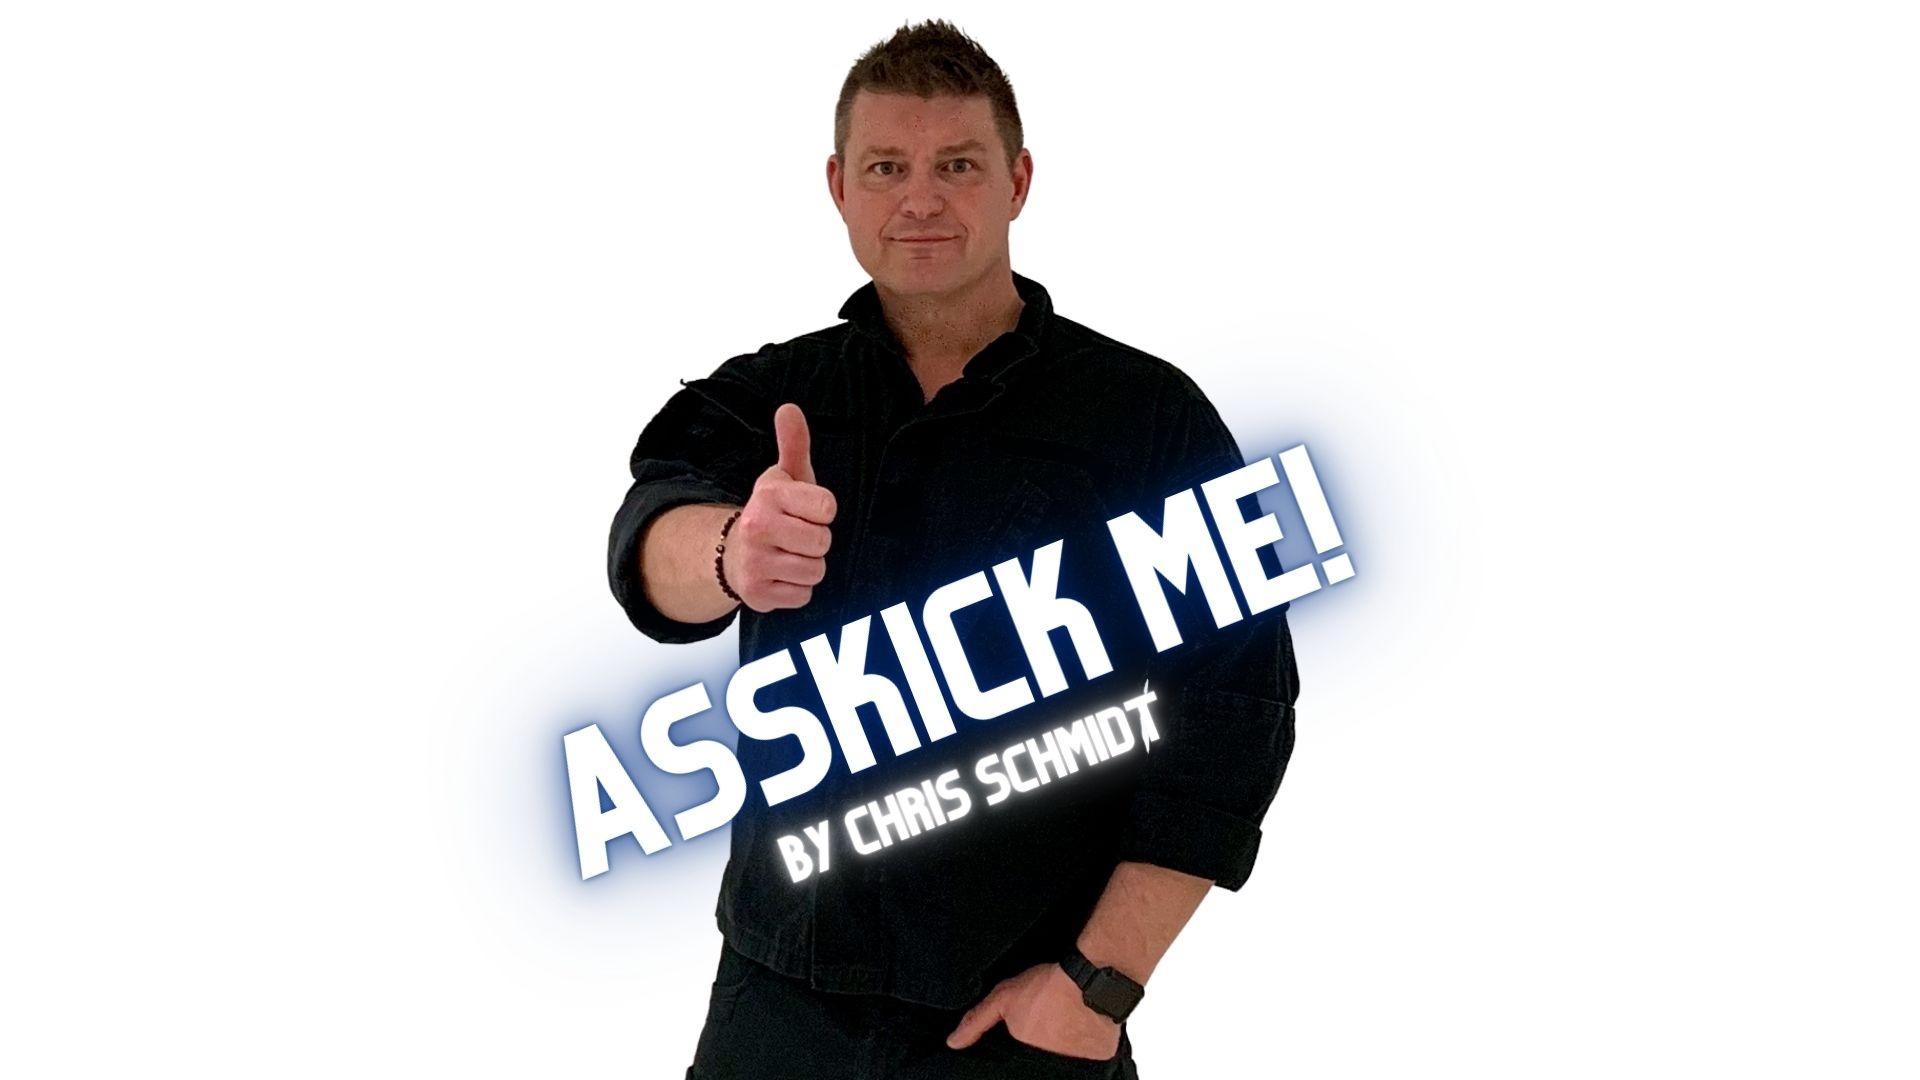 Asskick Me! by Chris Schmidt